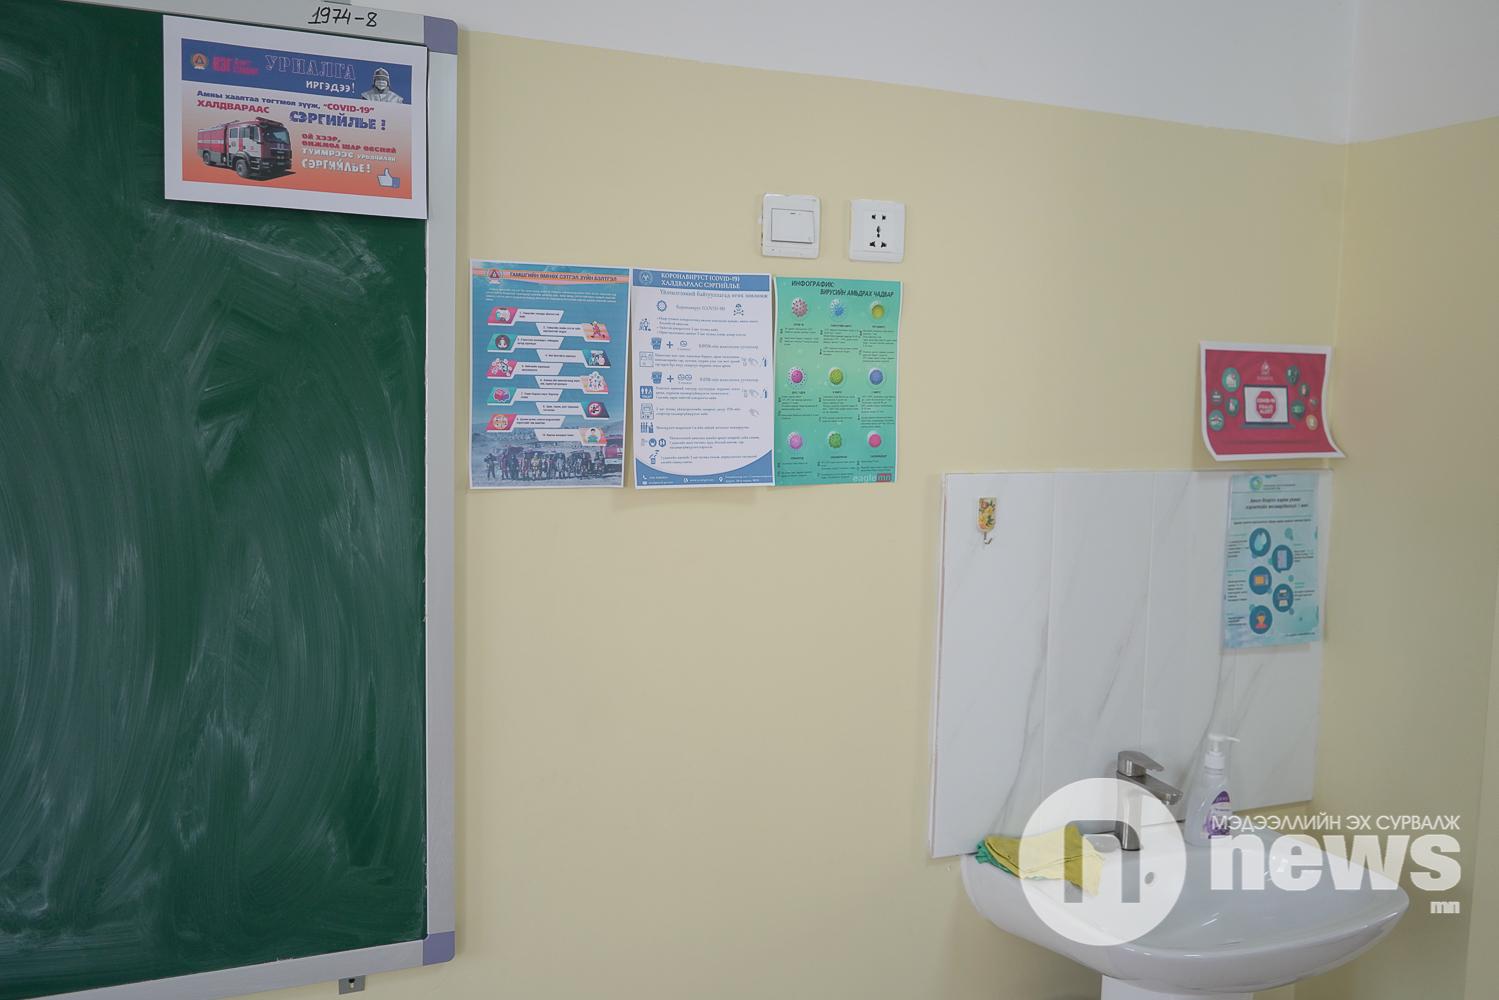 Сургууль 3, 14, 50 давтлага сурвалжлага (22 of 25)